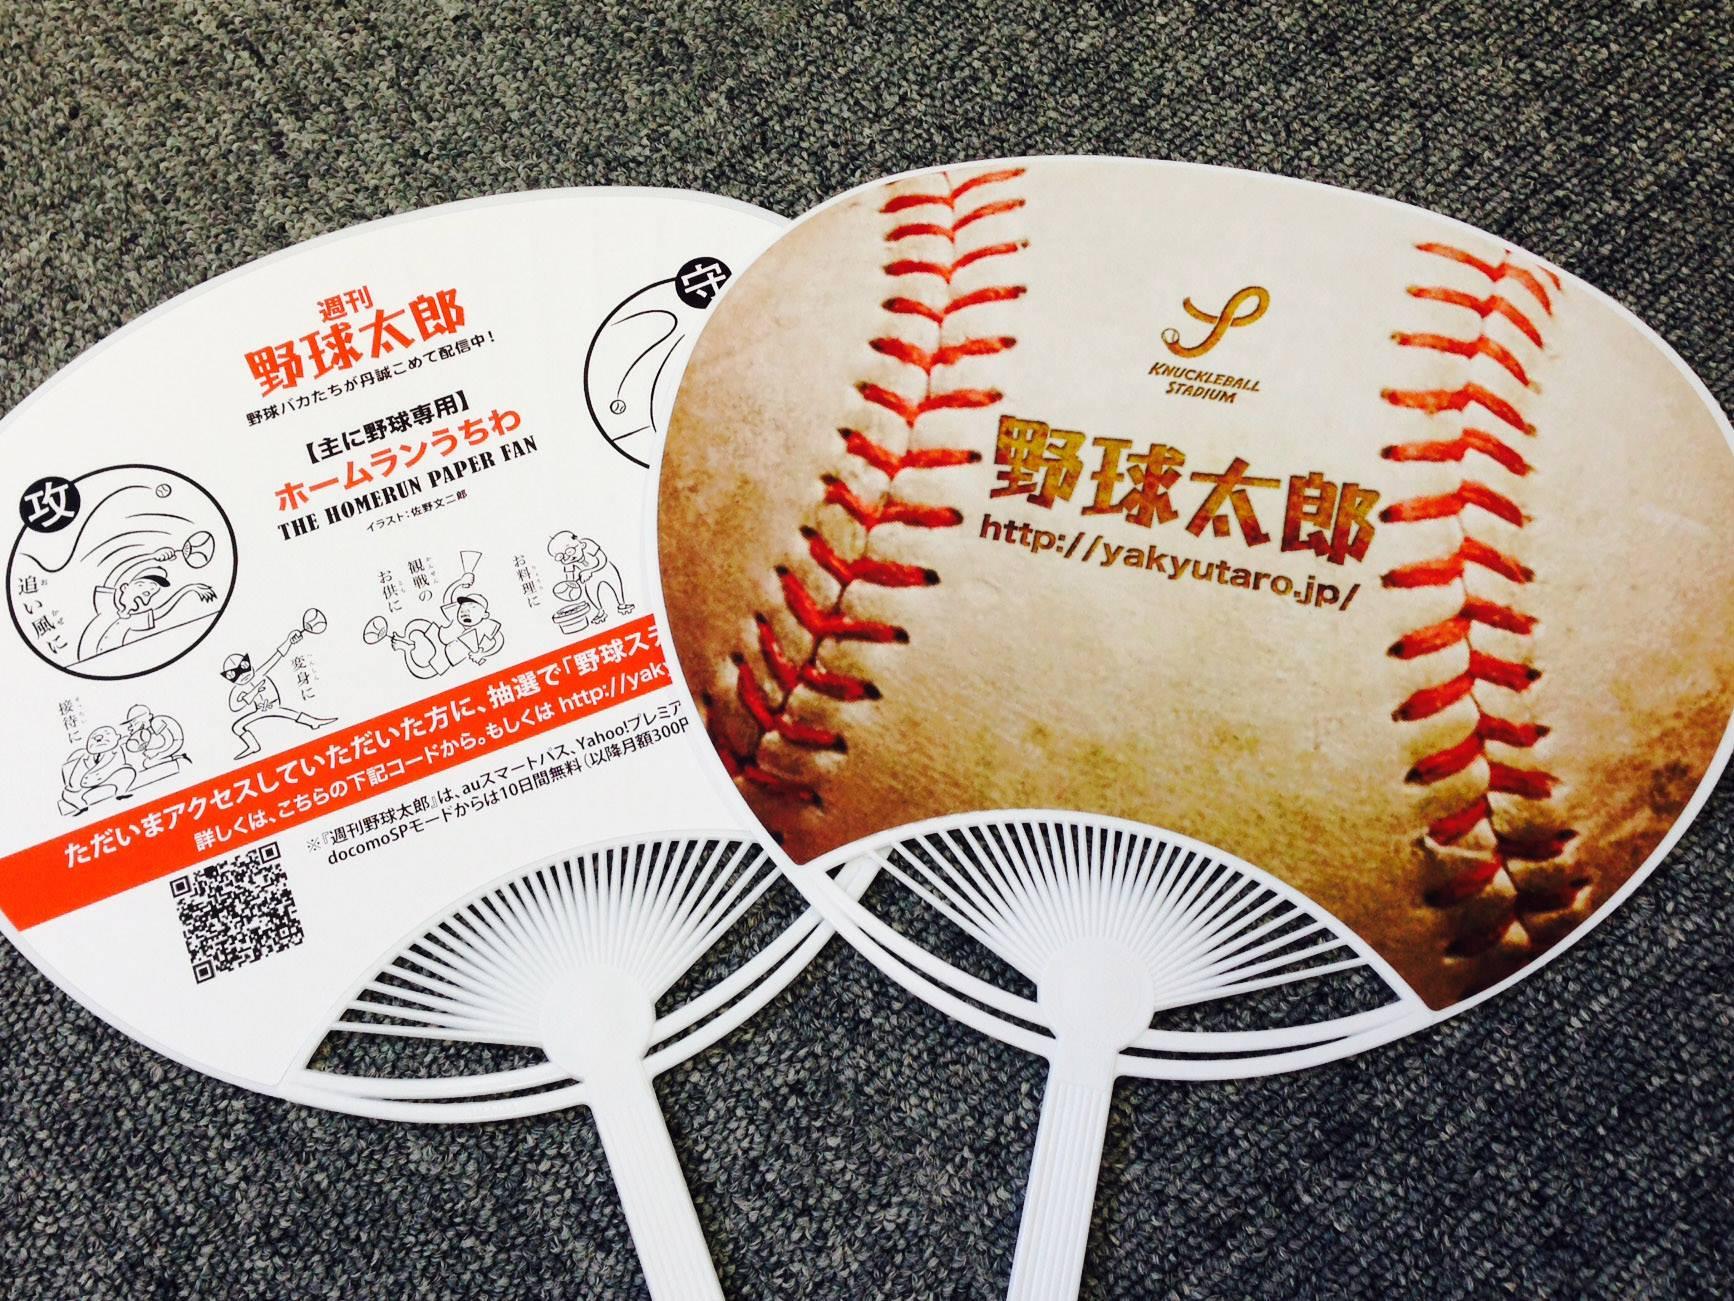 『野球太郎』オリジナルうちわが完成!